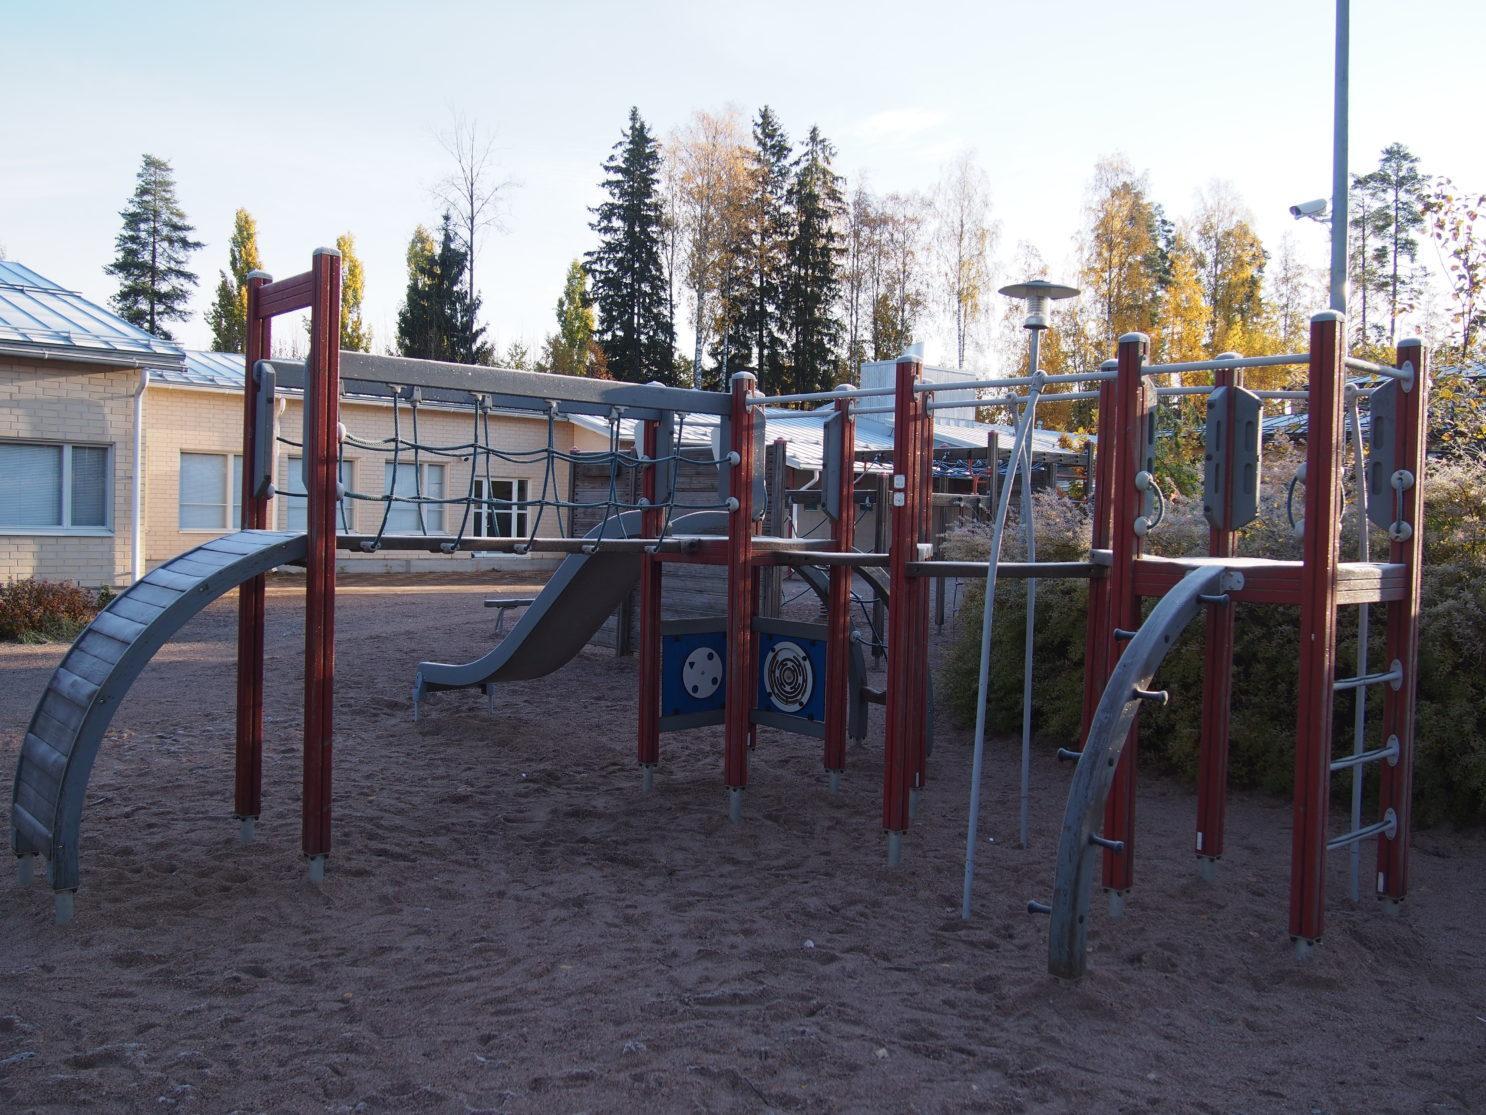 Haikalan koulun lähiliikuntapaikka